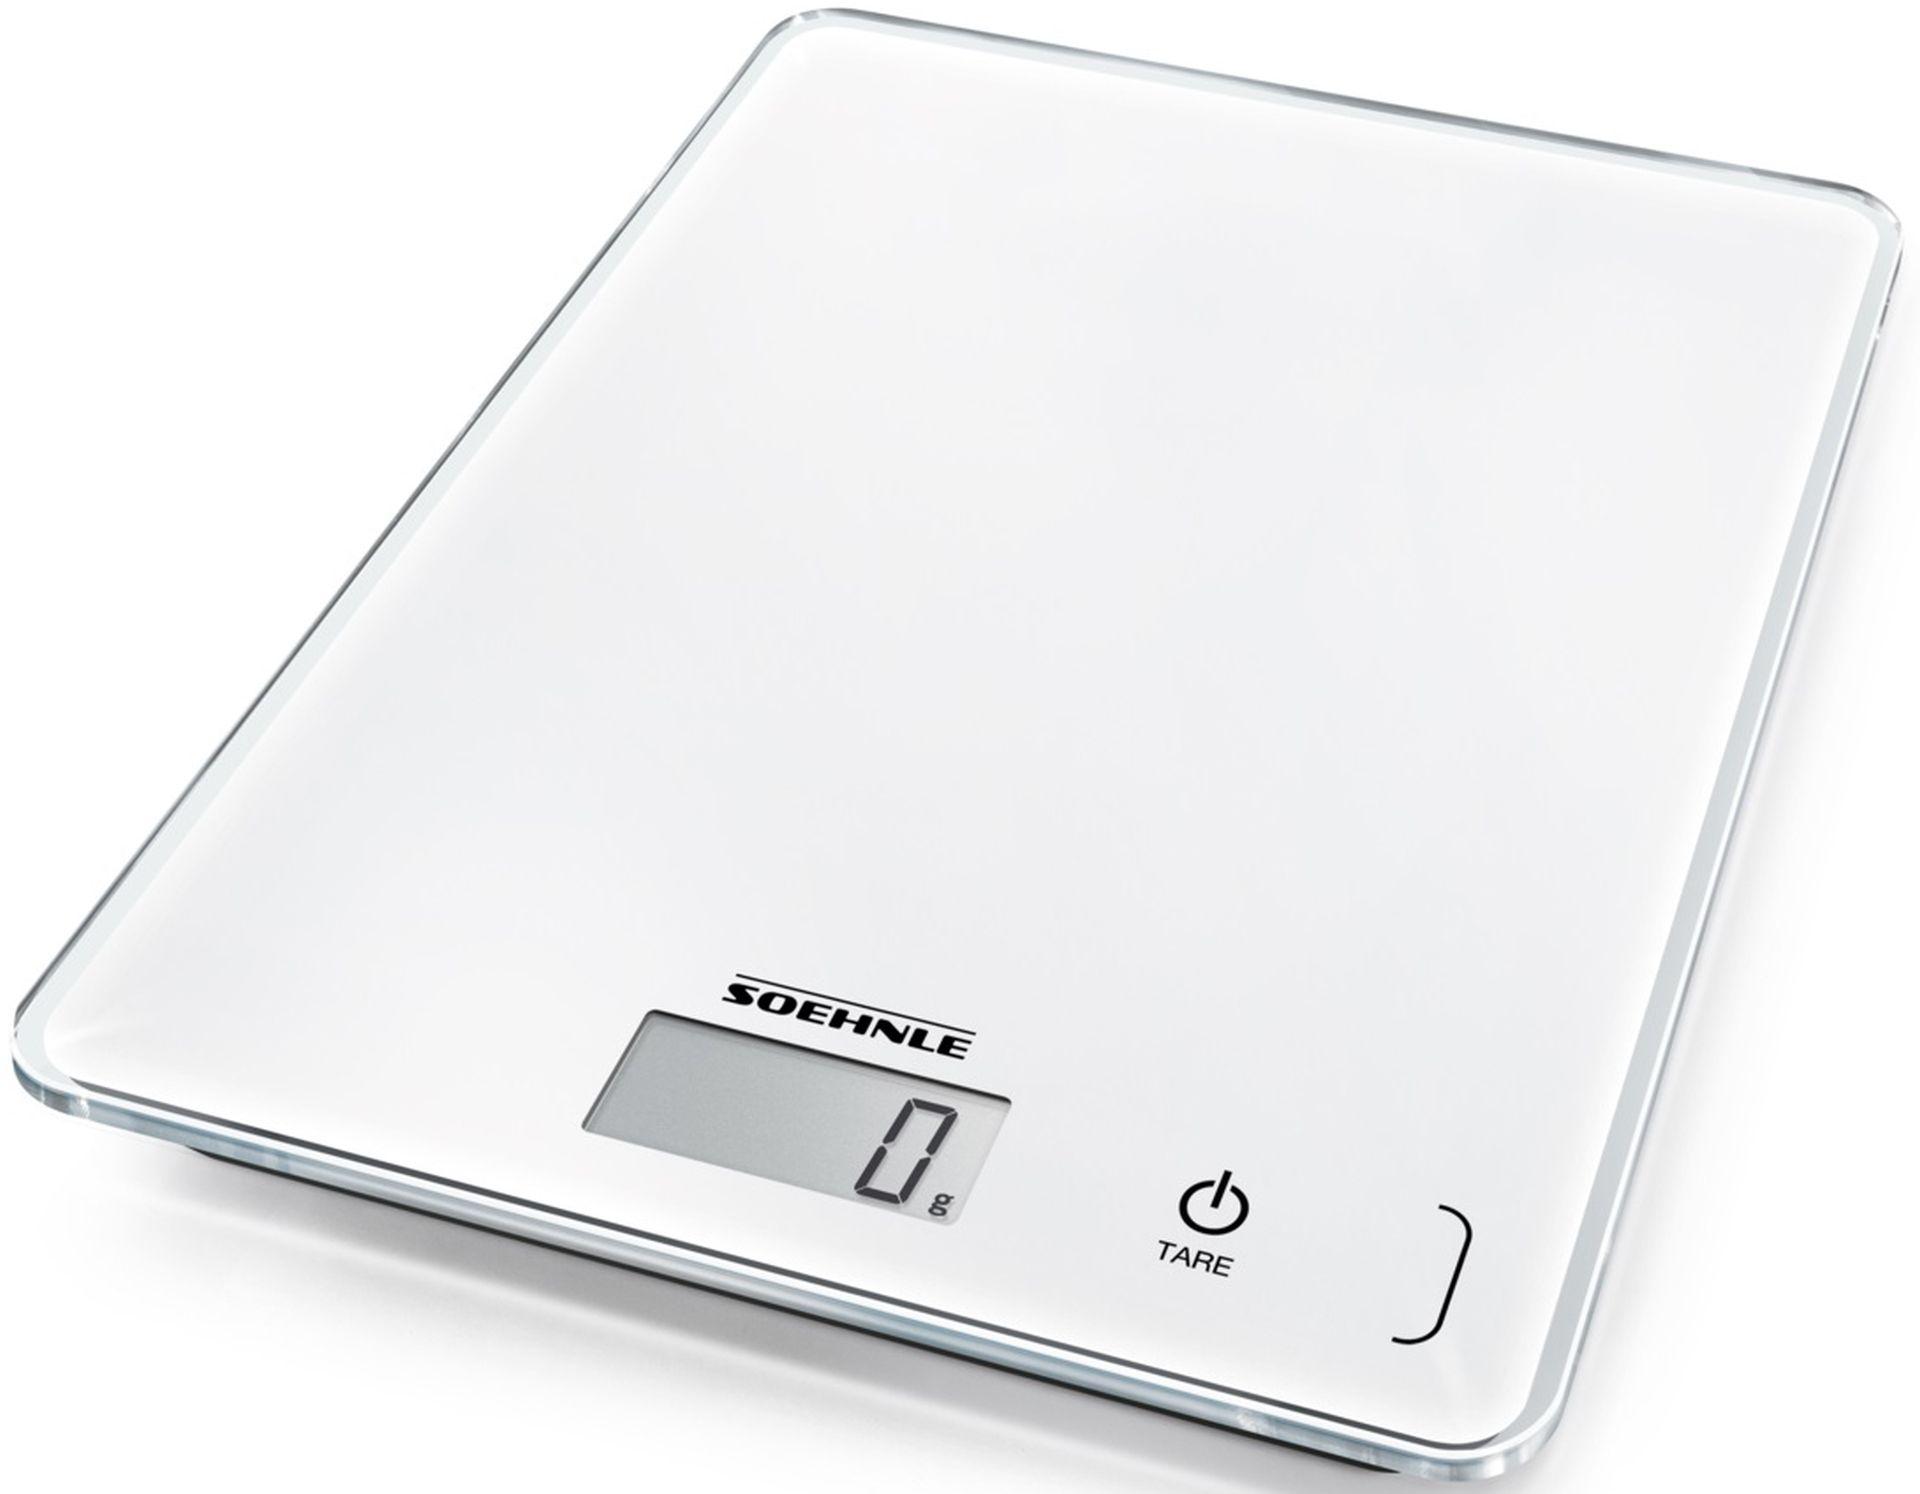 SOEHNLE Page Compact 300 Digitální kuchyňská váha 61501